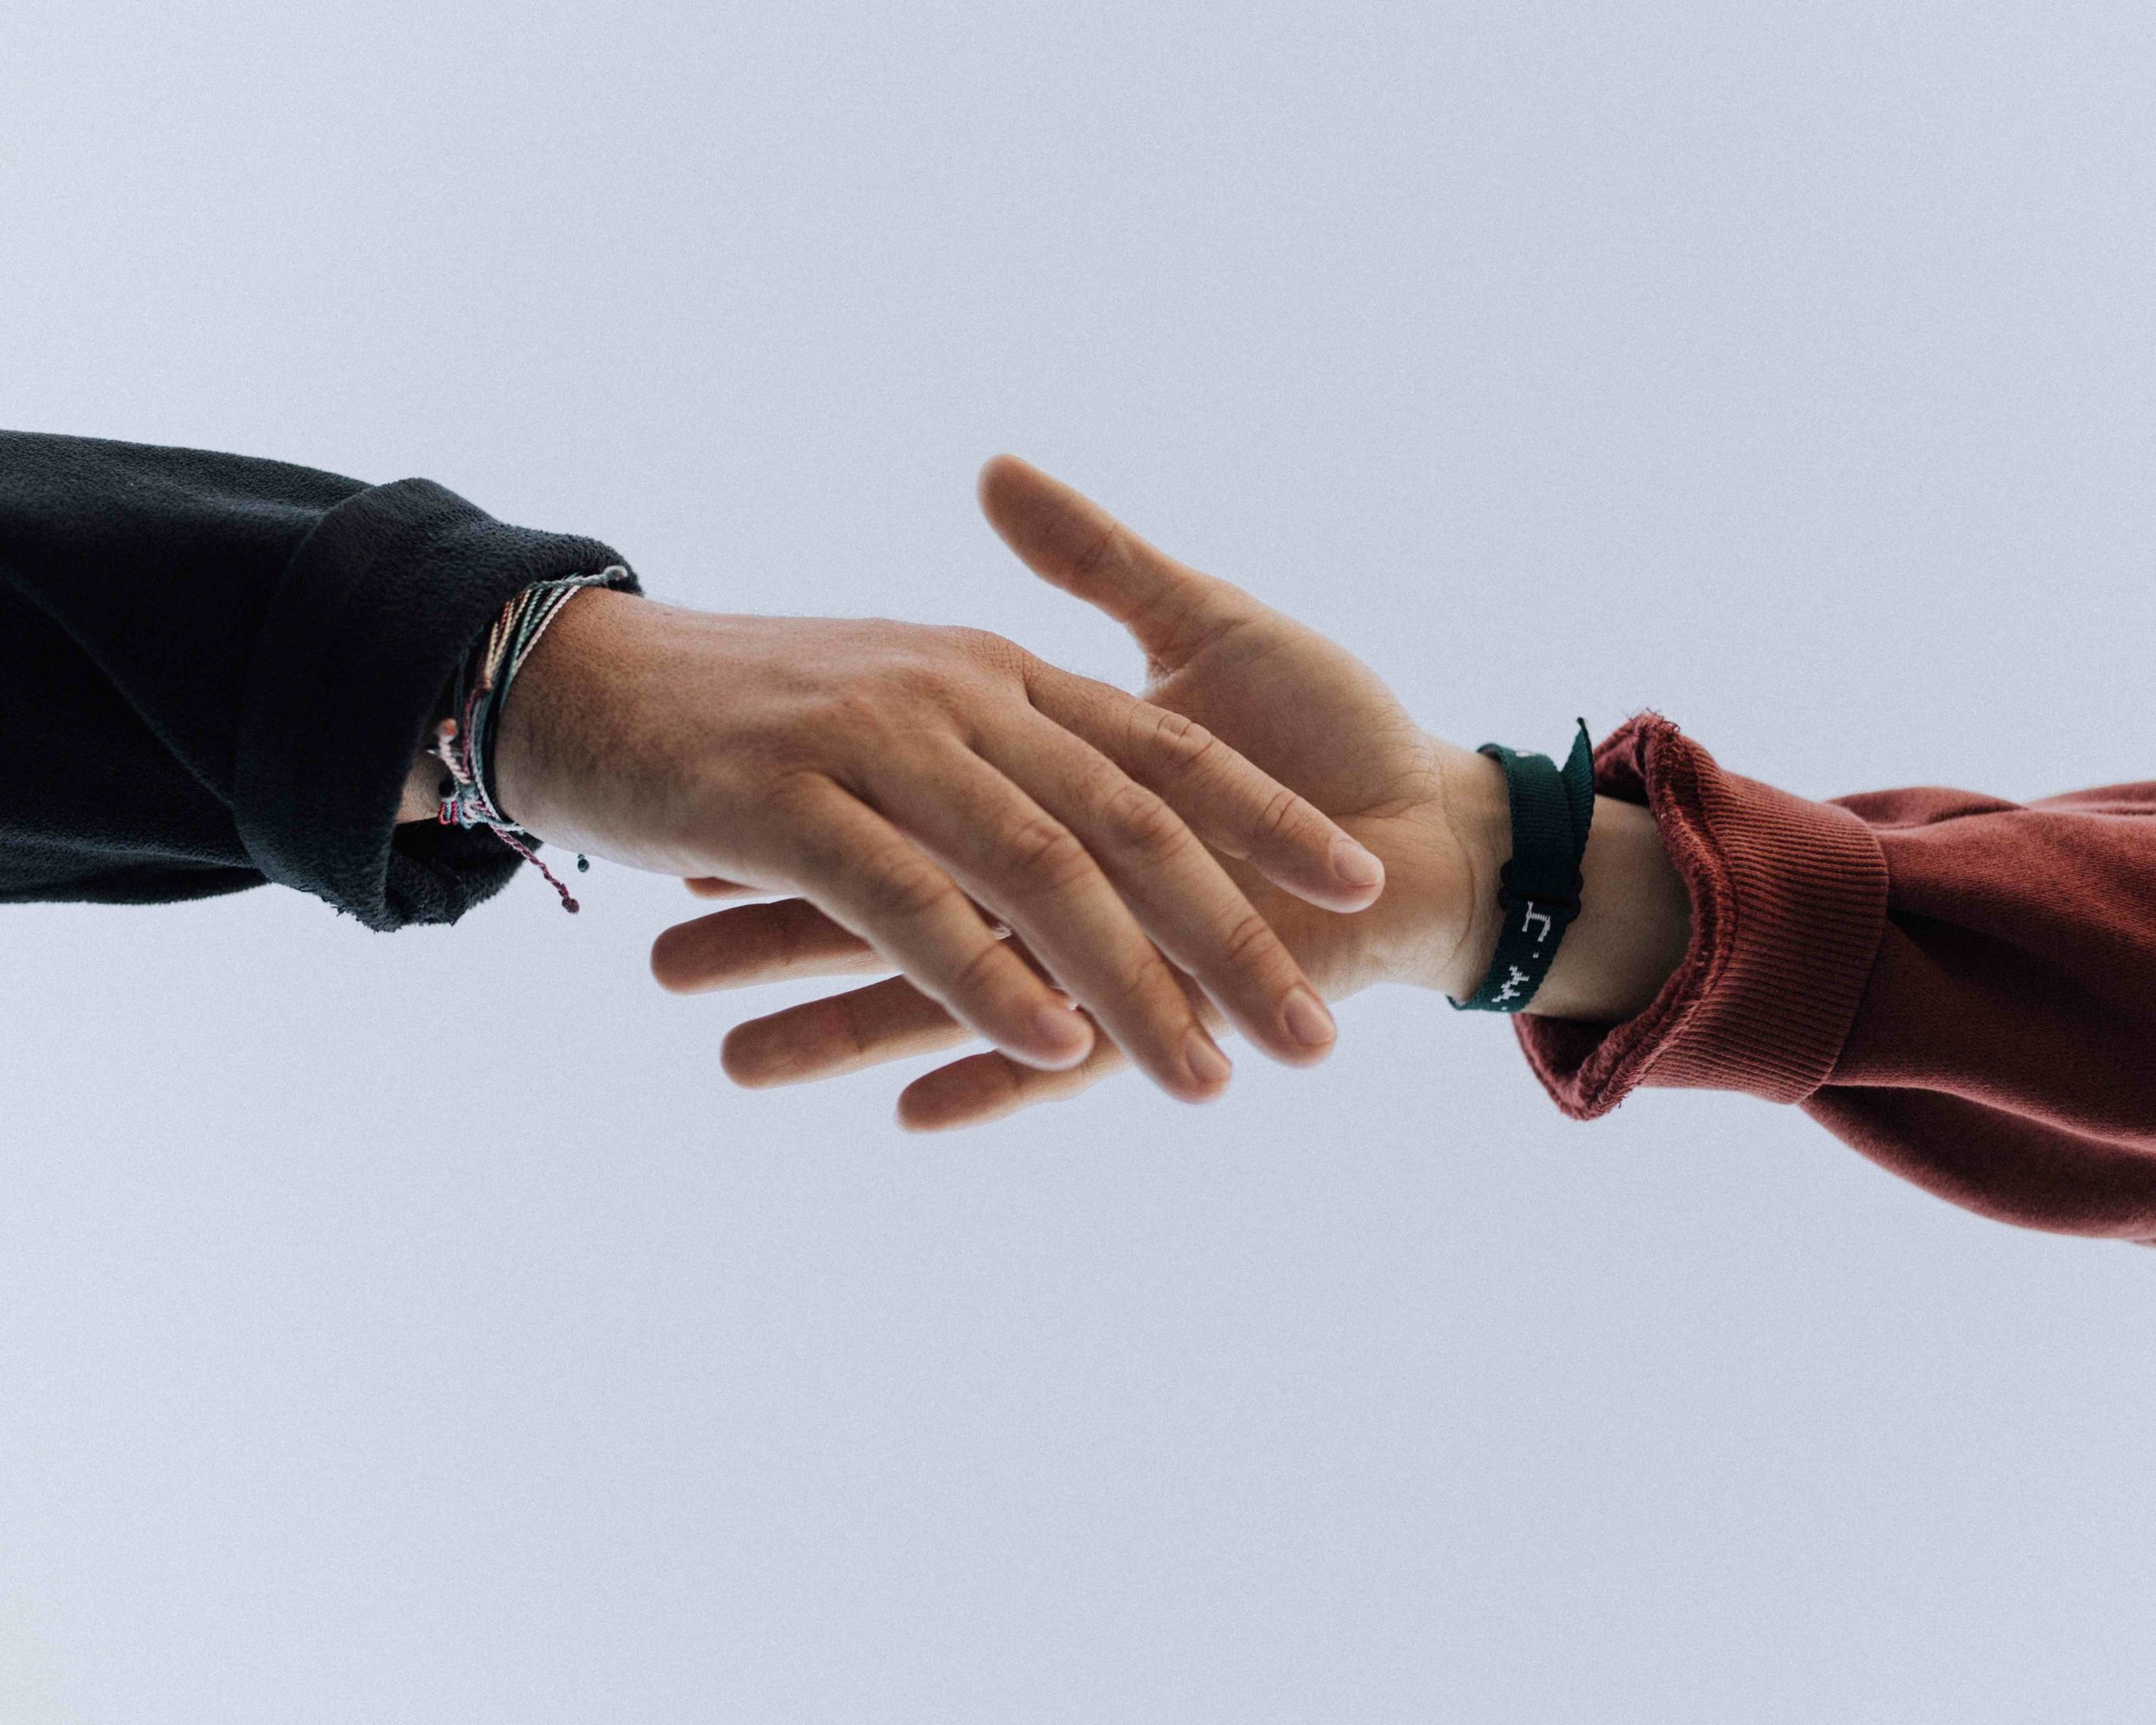 två händer som sträcker sig mot varandra